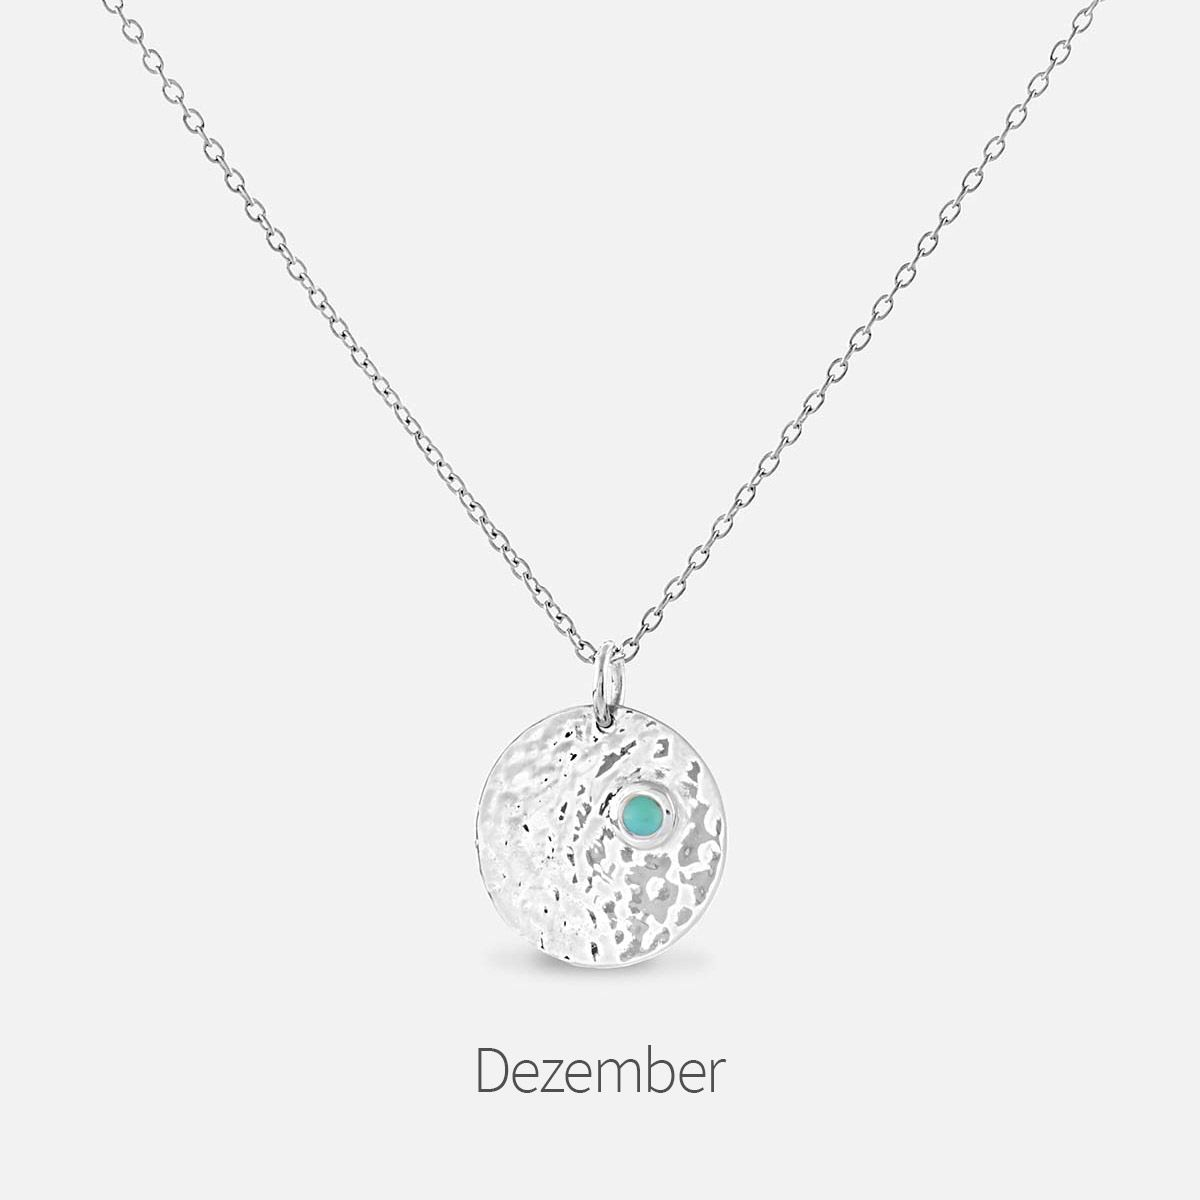 Birthstone December - Halsketten - Silber